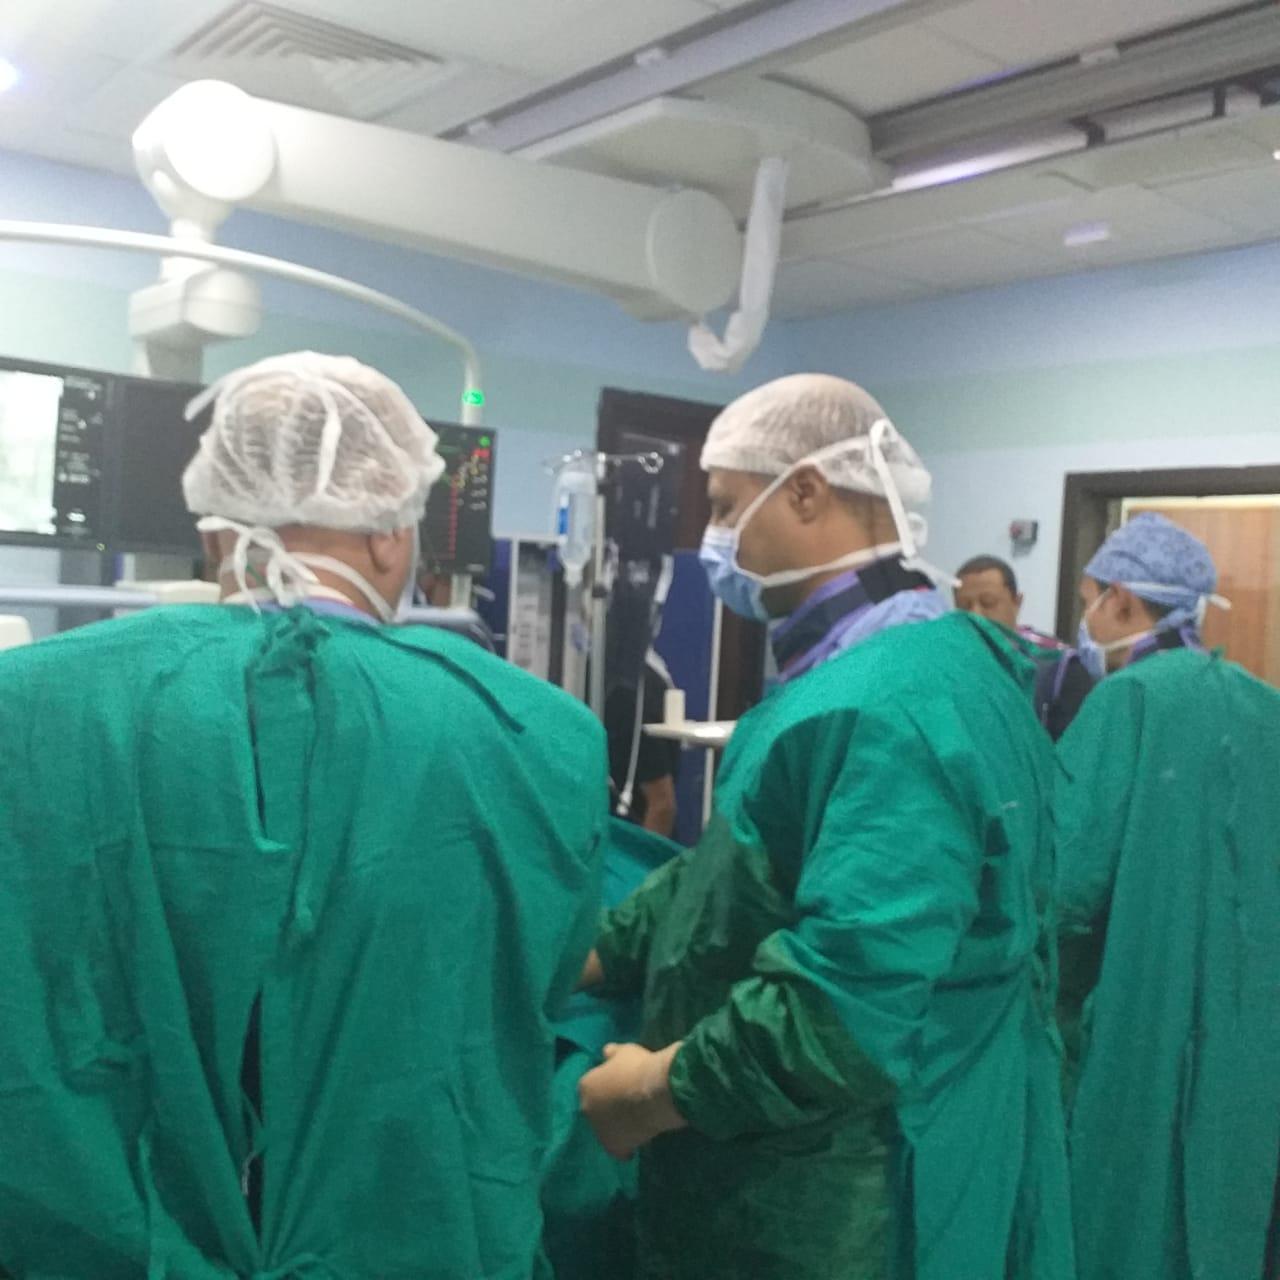 فريق طبى بمستشفى إسنا يجرى عملية (1)